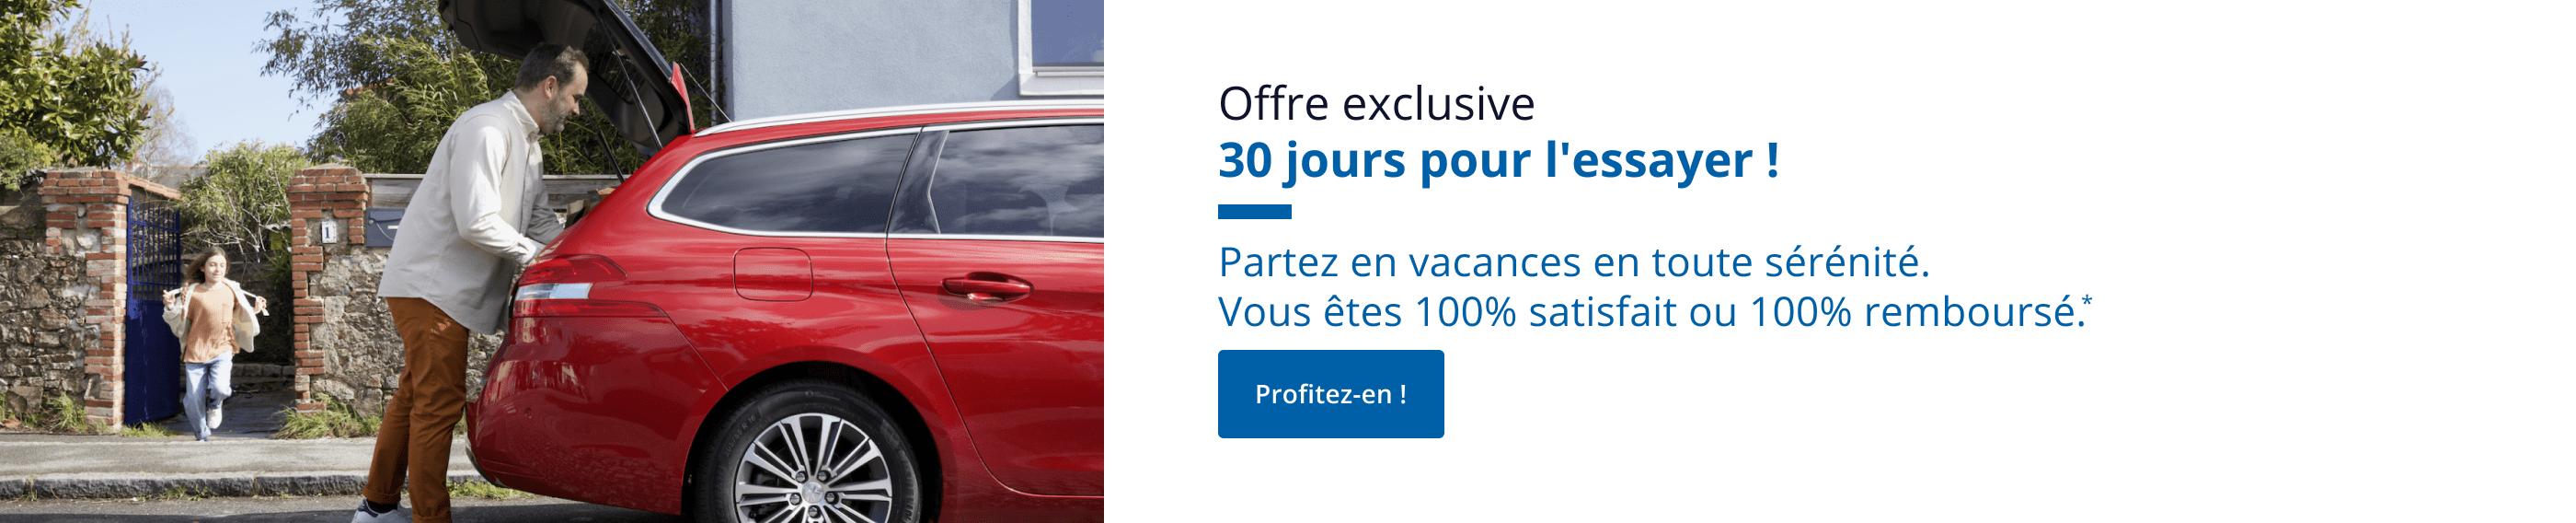 Offre exclusive : 30 jours pour l'essayer ! Partez en vacances en toute sérénité. Vous êtes 100% satisfait ou 100% remboursé.